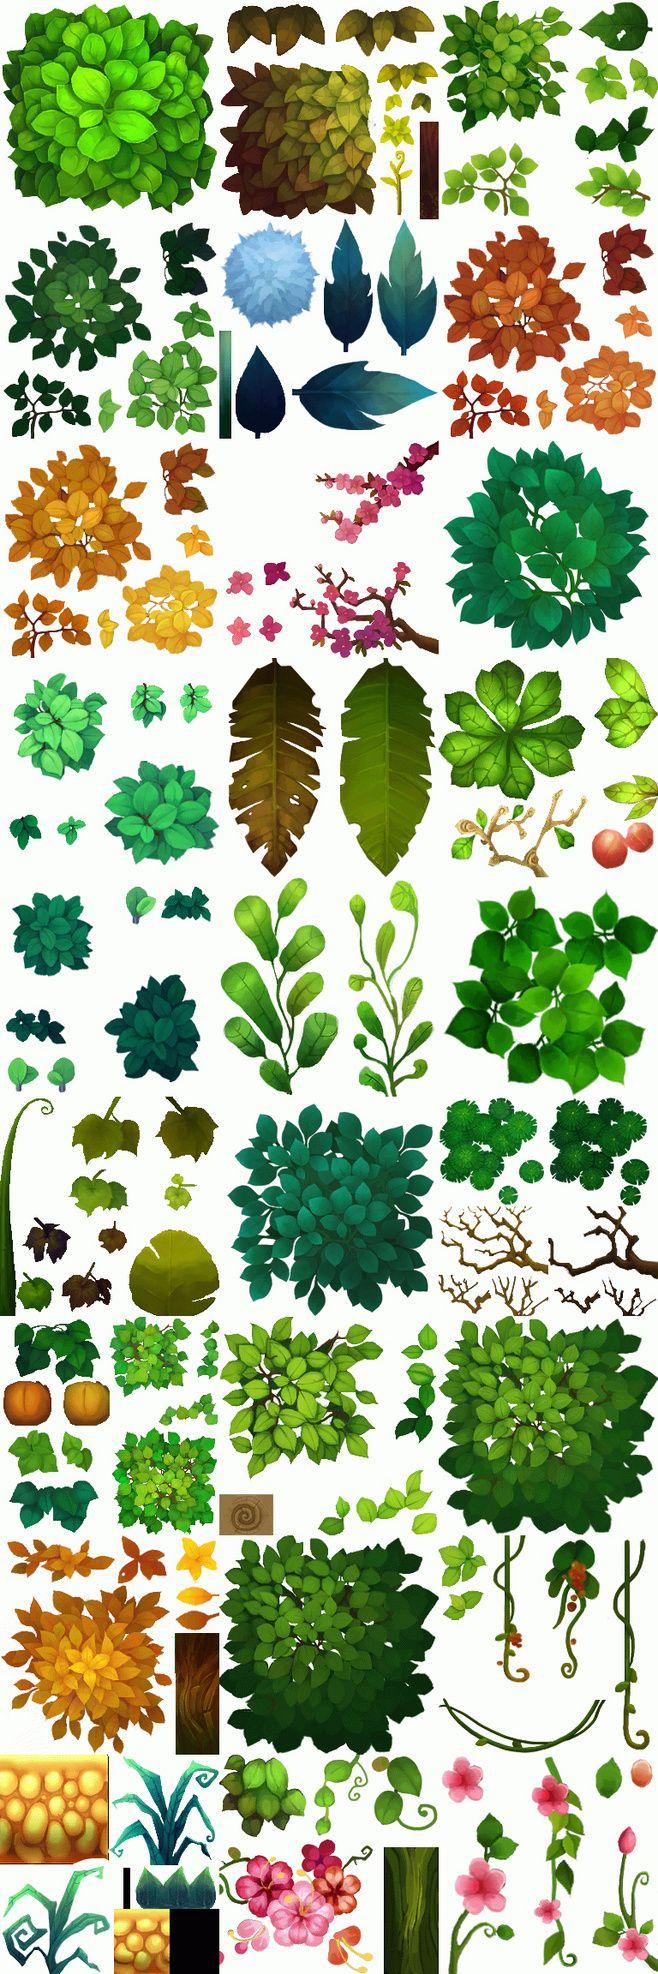 卡通Q版植物贴图